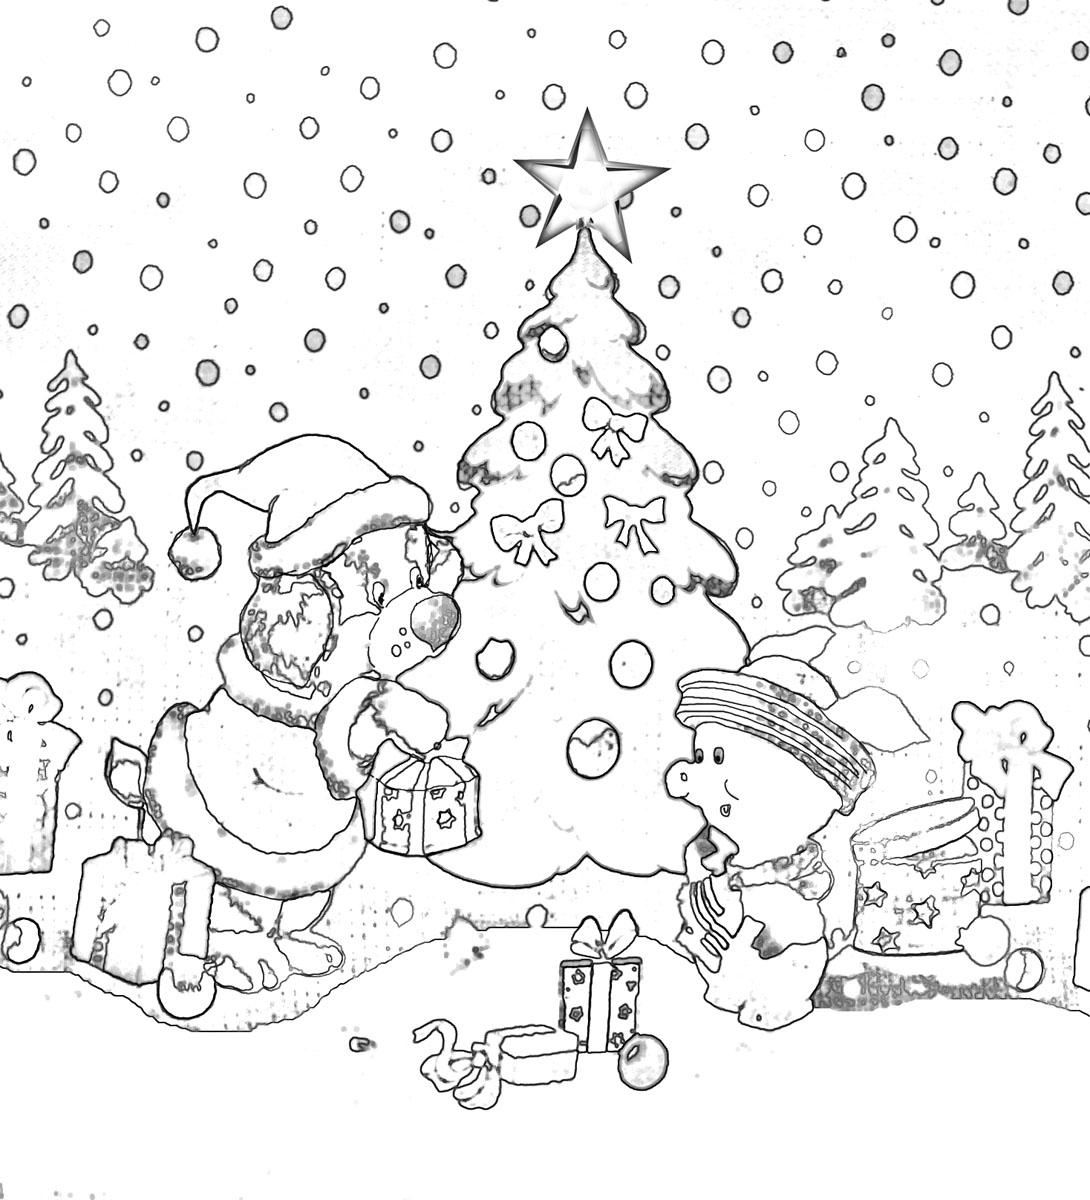 Нарисовать открытку новогоднюю тема 2019, дню кооперации открытки